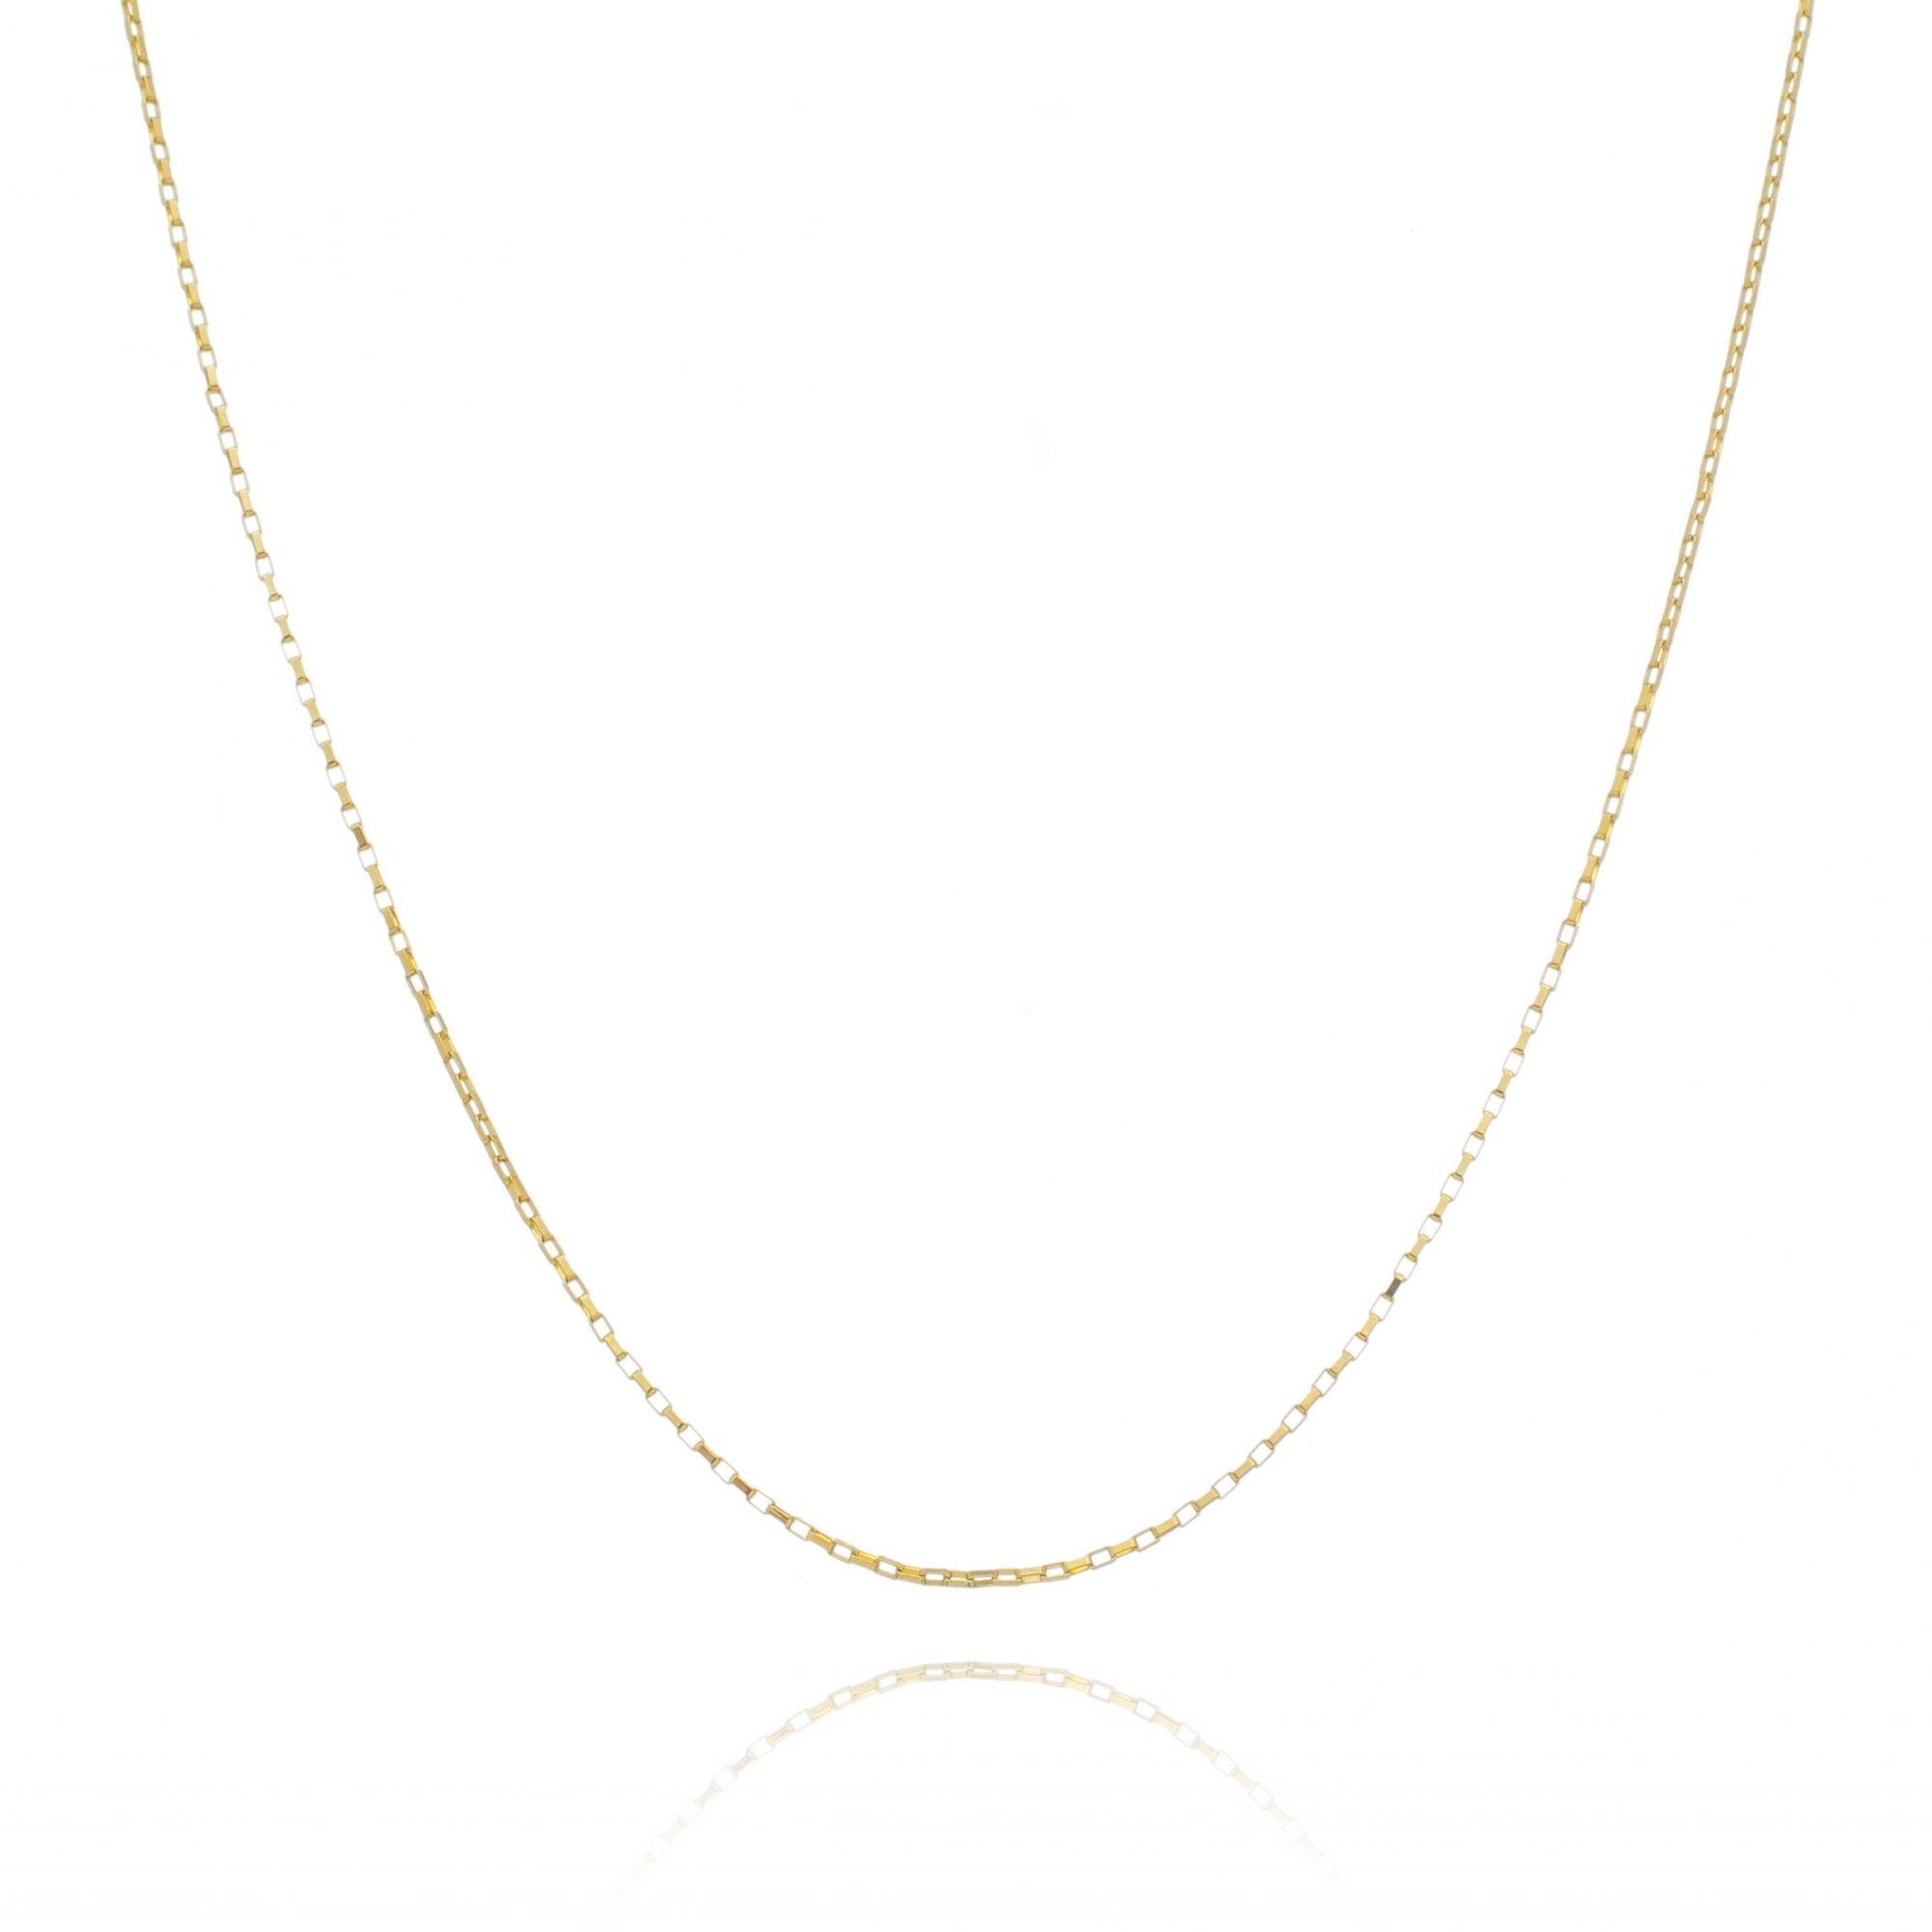 Corrente Veneziana Longa 45cm Banhada a Ouro 18K